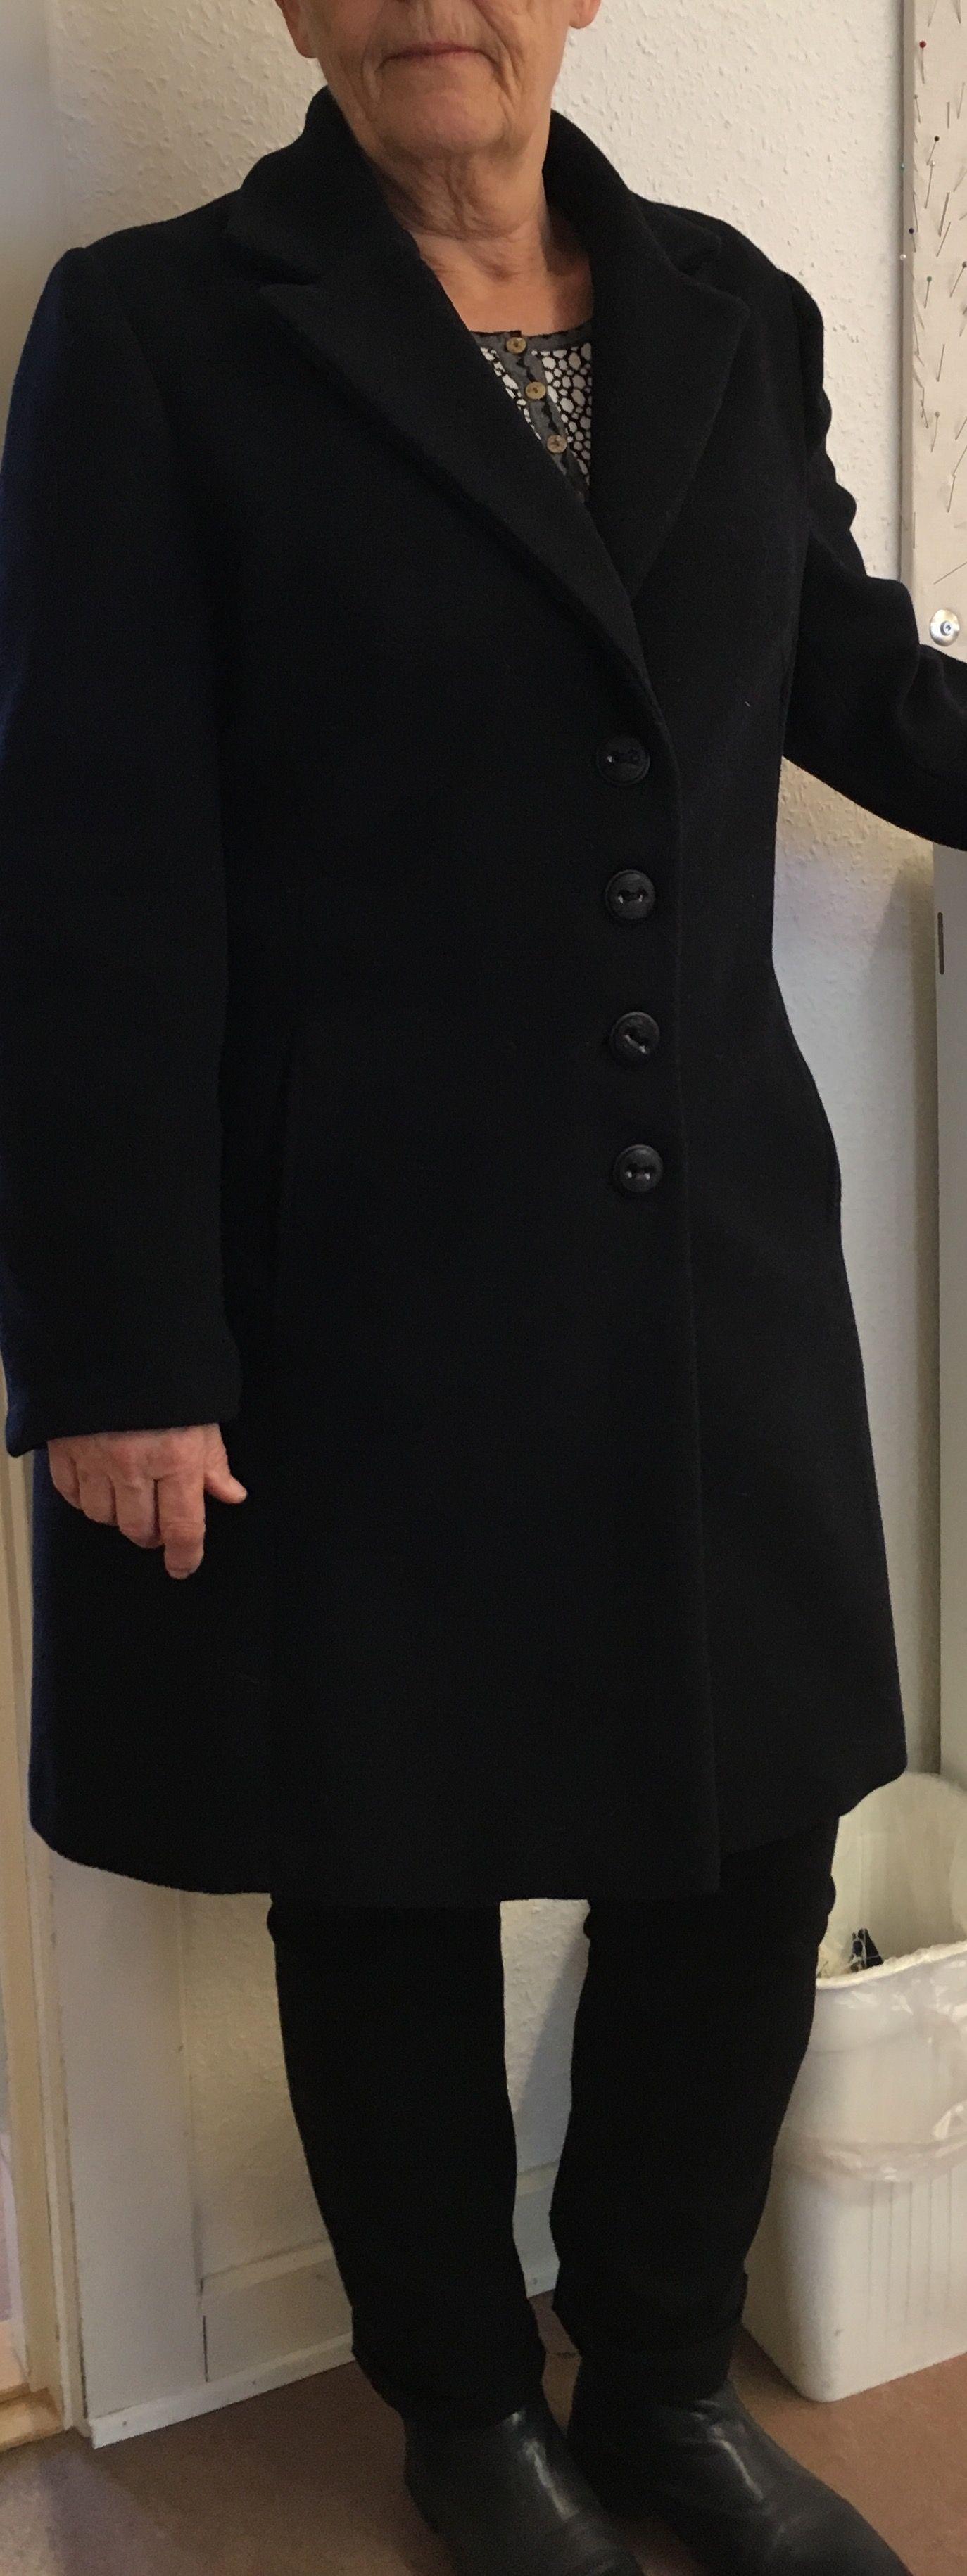 Endnu en frakke blev færdig, med revers og lækkert foer og selvfølgelig tittekanter. Godt gået Birgitte